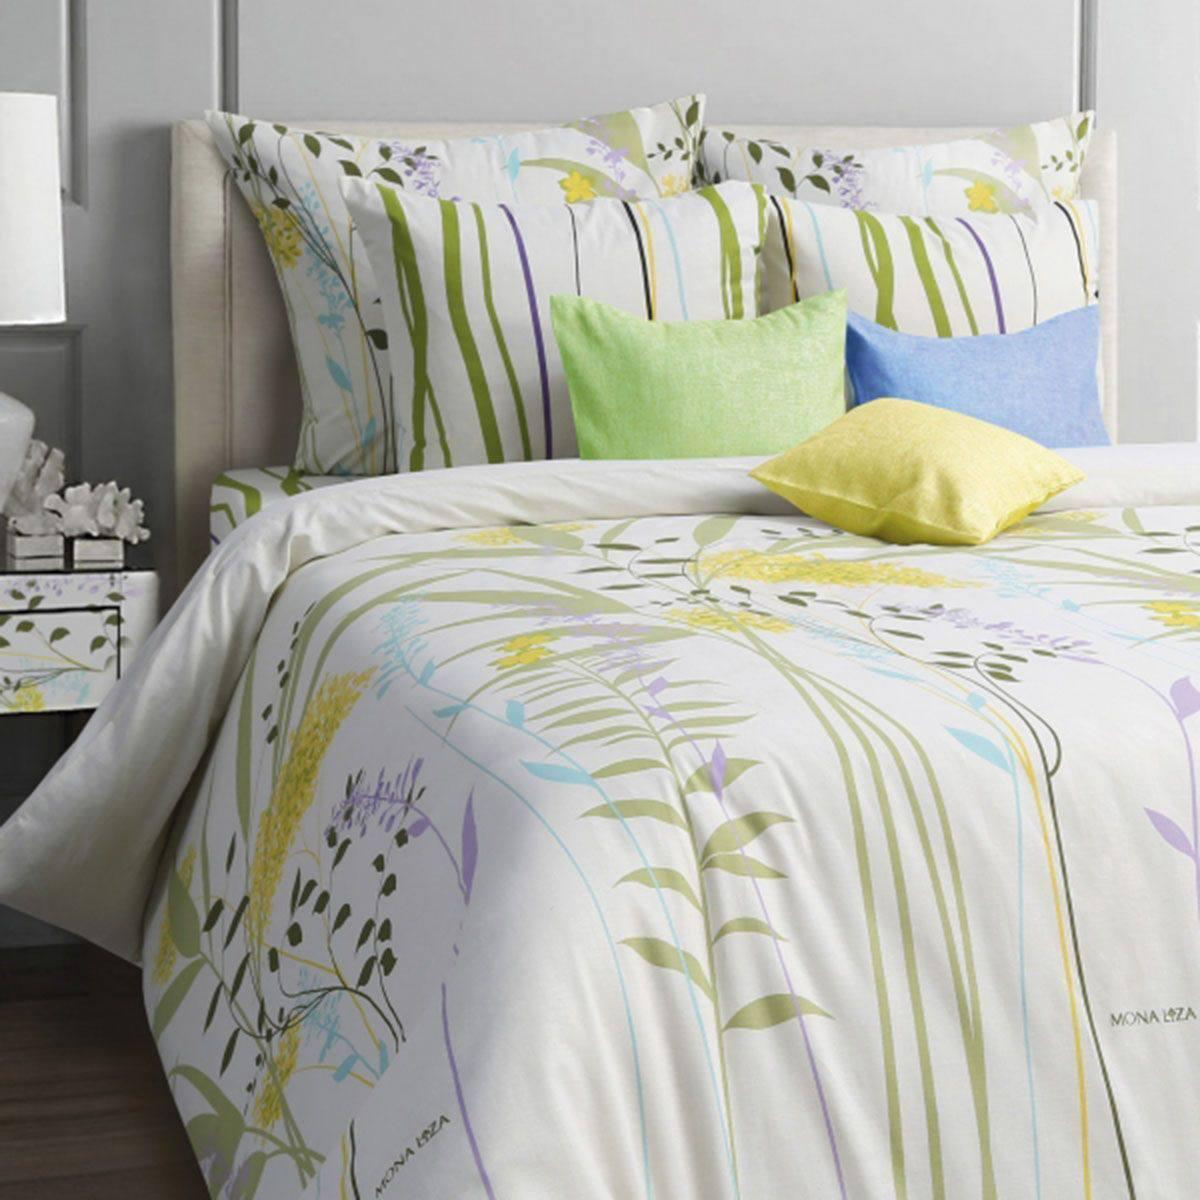 Комплект белья Bamboo (1,5-спальный КПБ, наволочки 70х70)